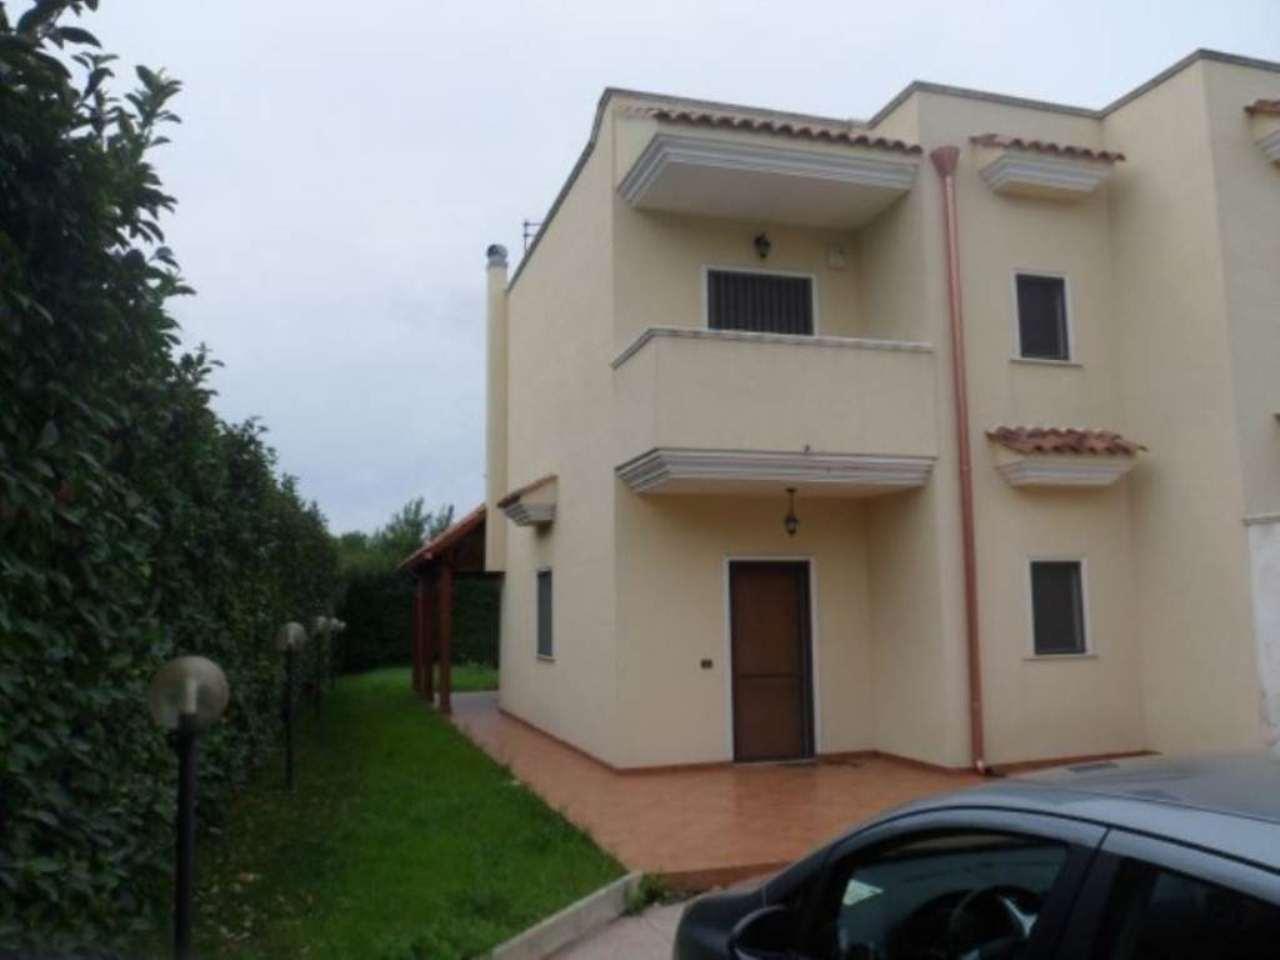 Villa in vendita a Pulsano, 3 locali, prezzo € 175.000 | Cambio Casa.it